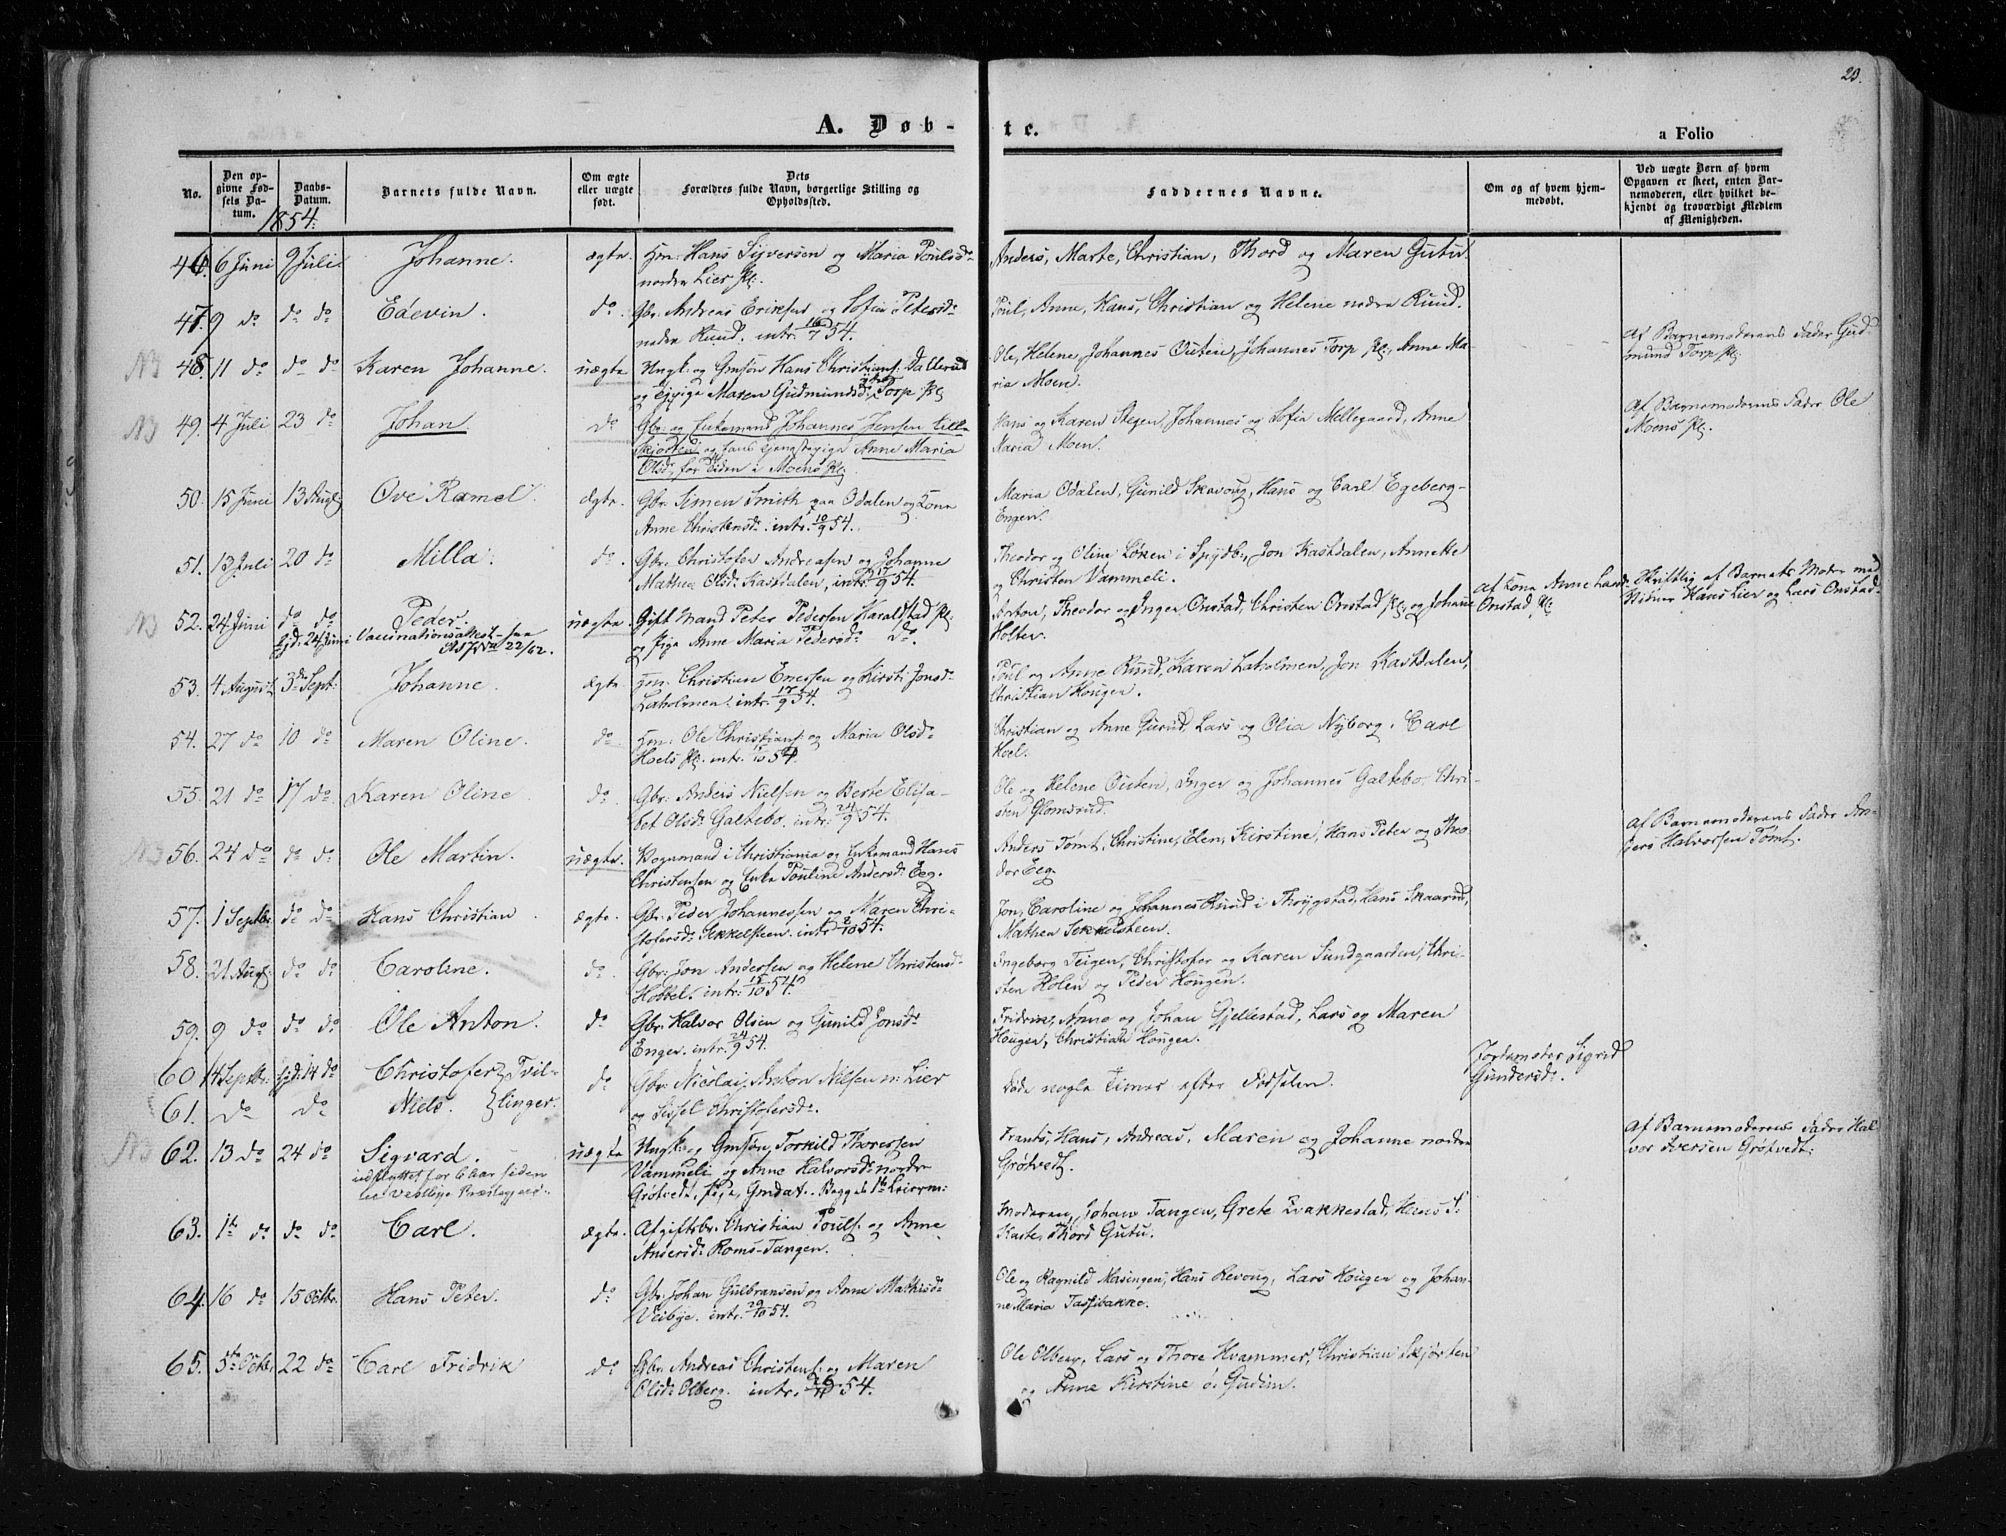 SAO, Askim prestekontor Kirkebøker, F/Fa/L0005: Ministerialbok nr. 5, 1847-1879, s. 23